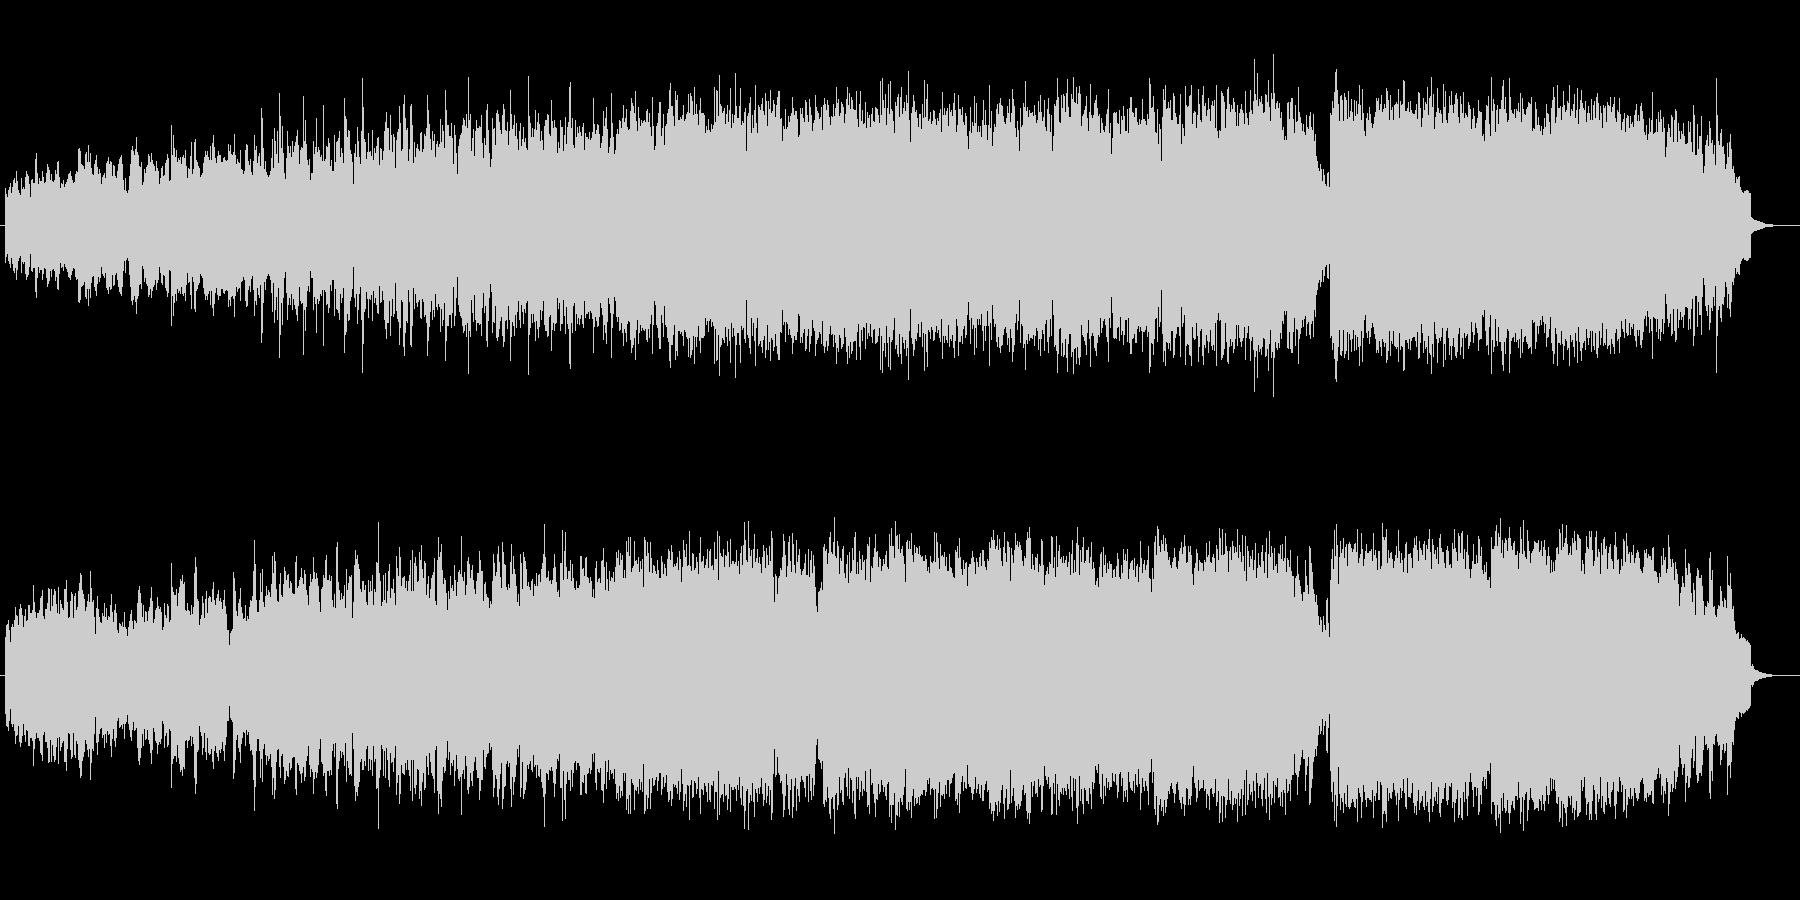 明るく雄大なシンセサイザーサウンドの未再生の波形